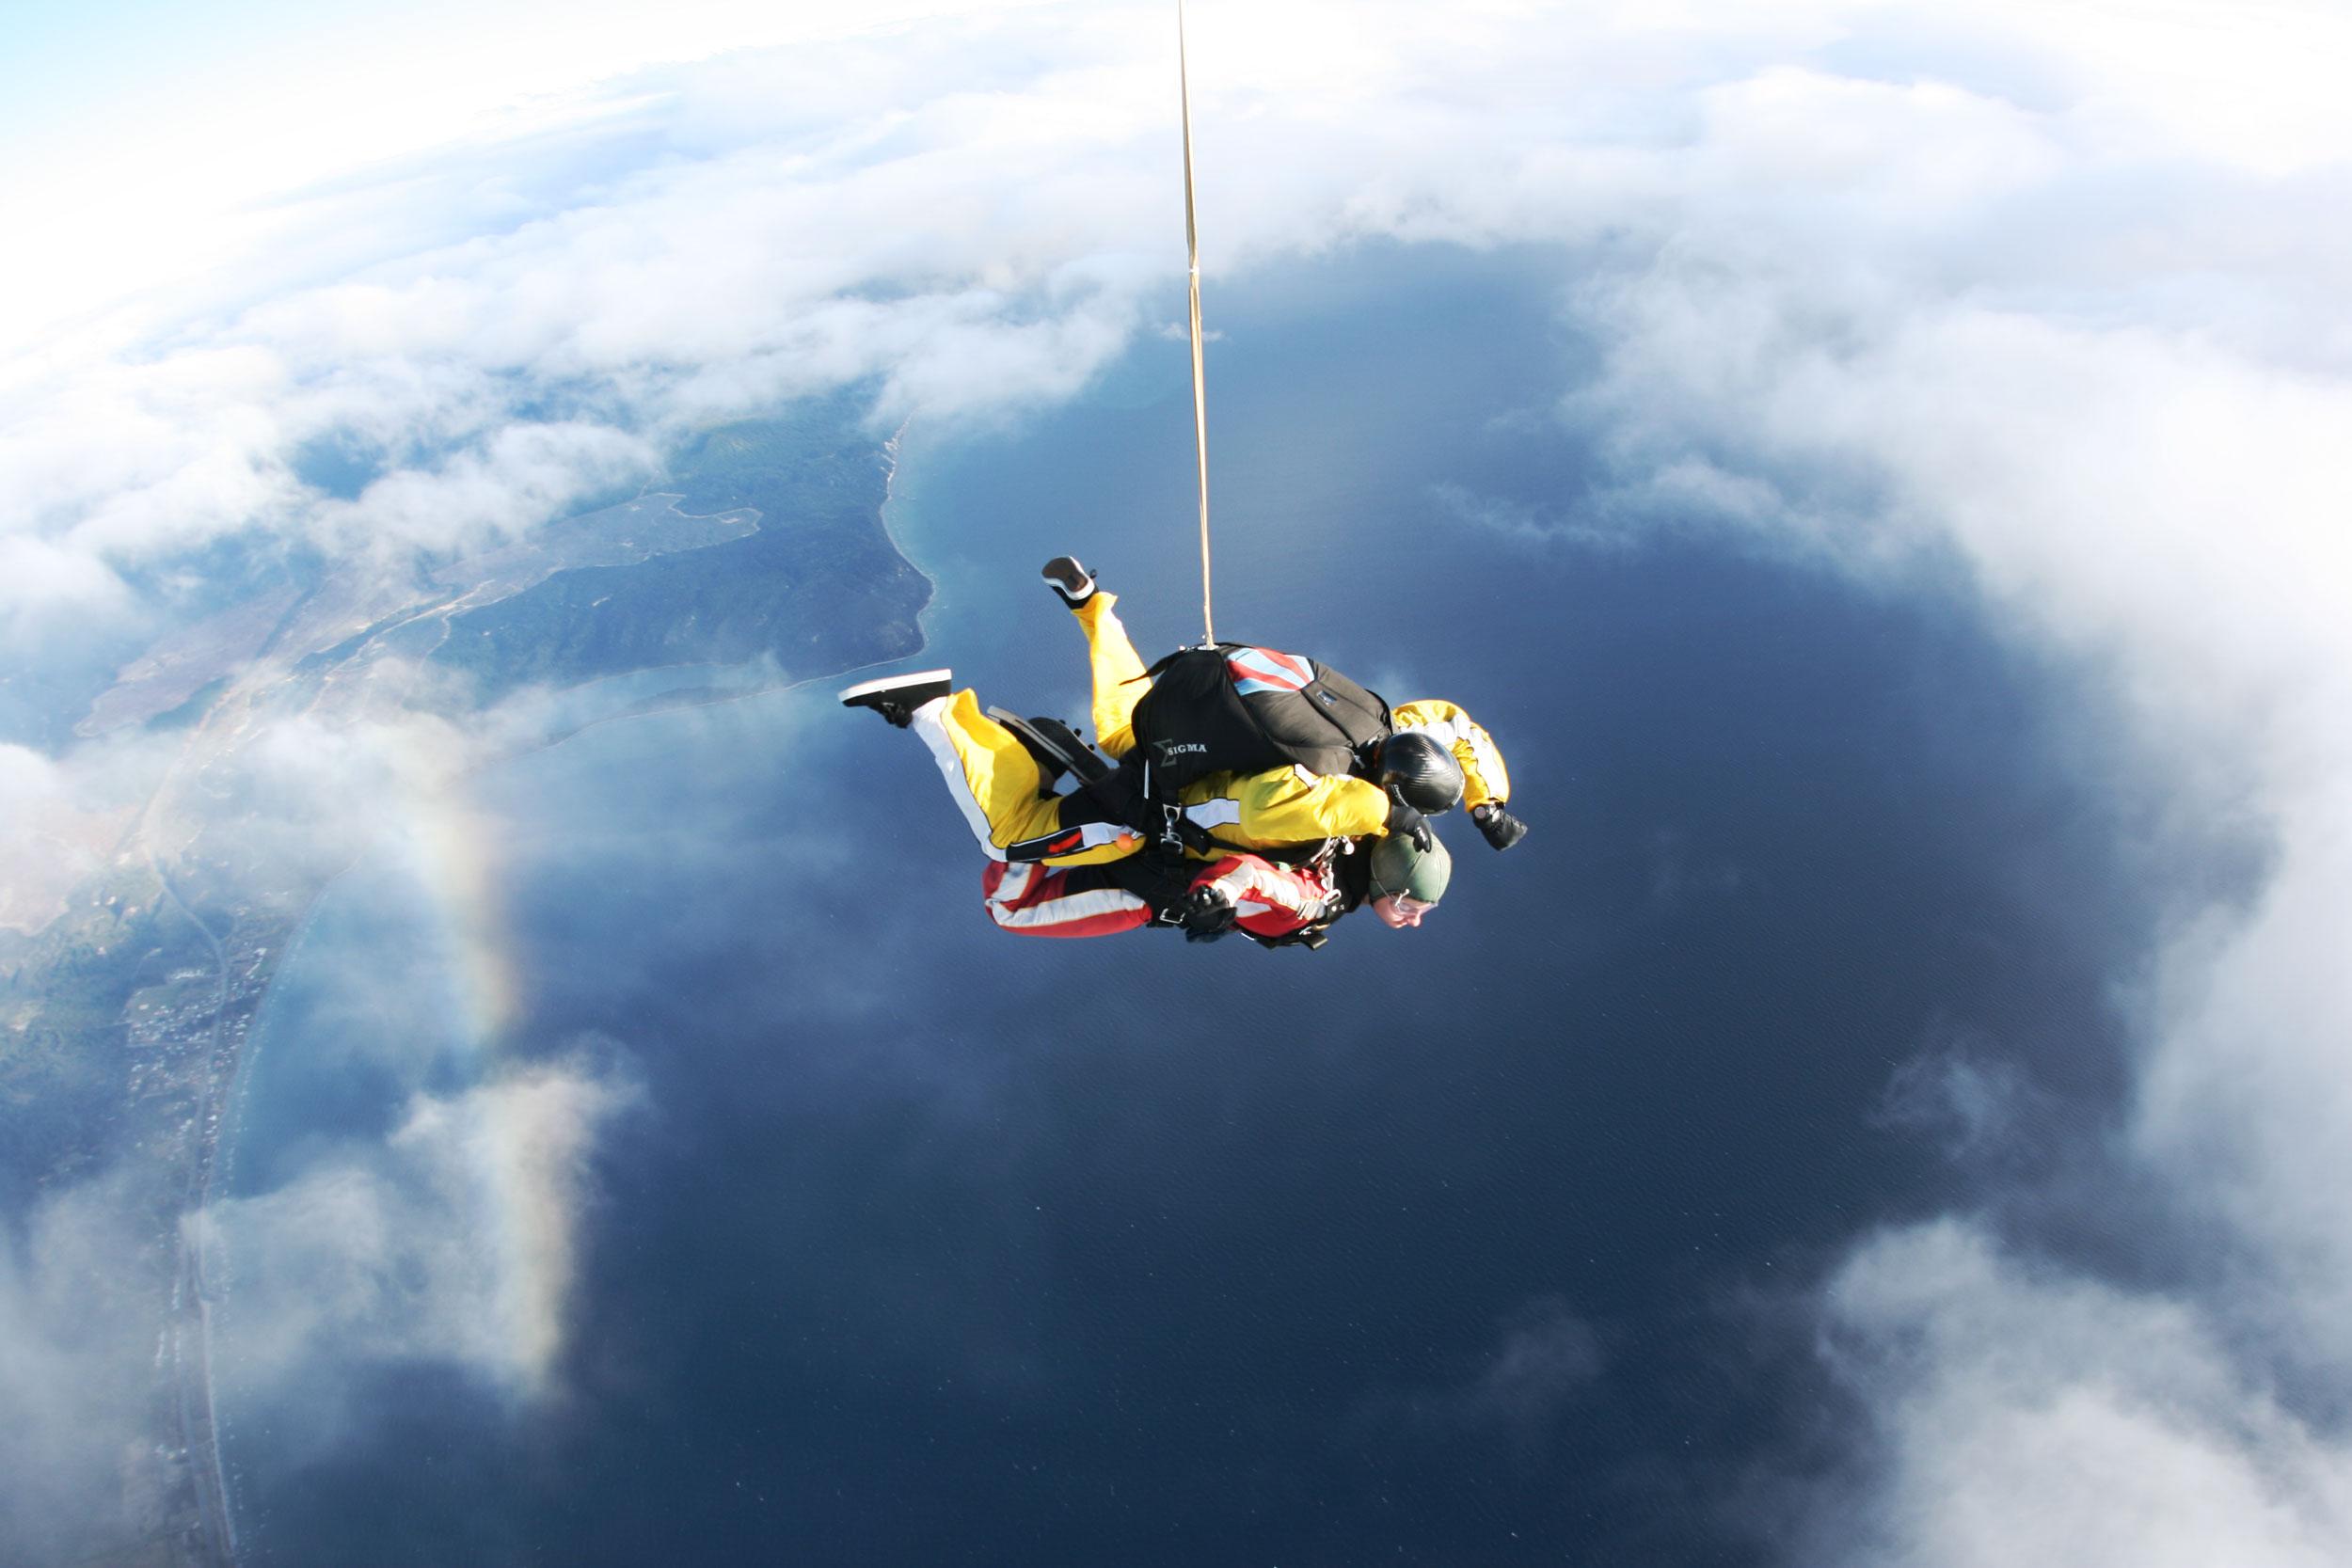 Neuseeland von oben: Fallschirmsprung & Helikopterflug – Reisebericht